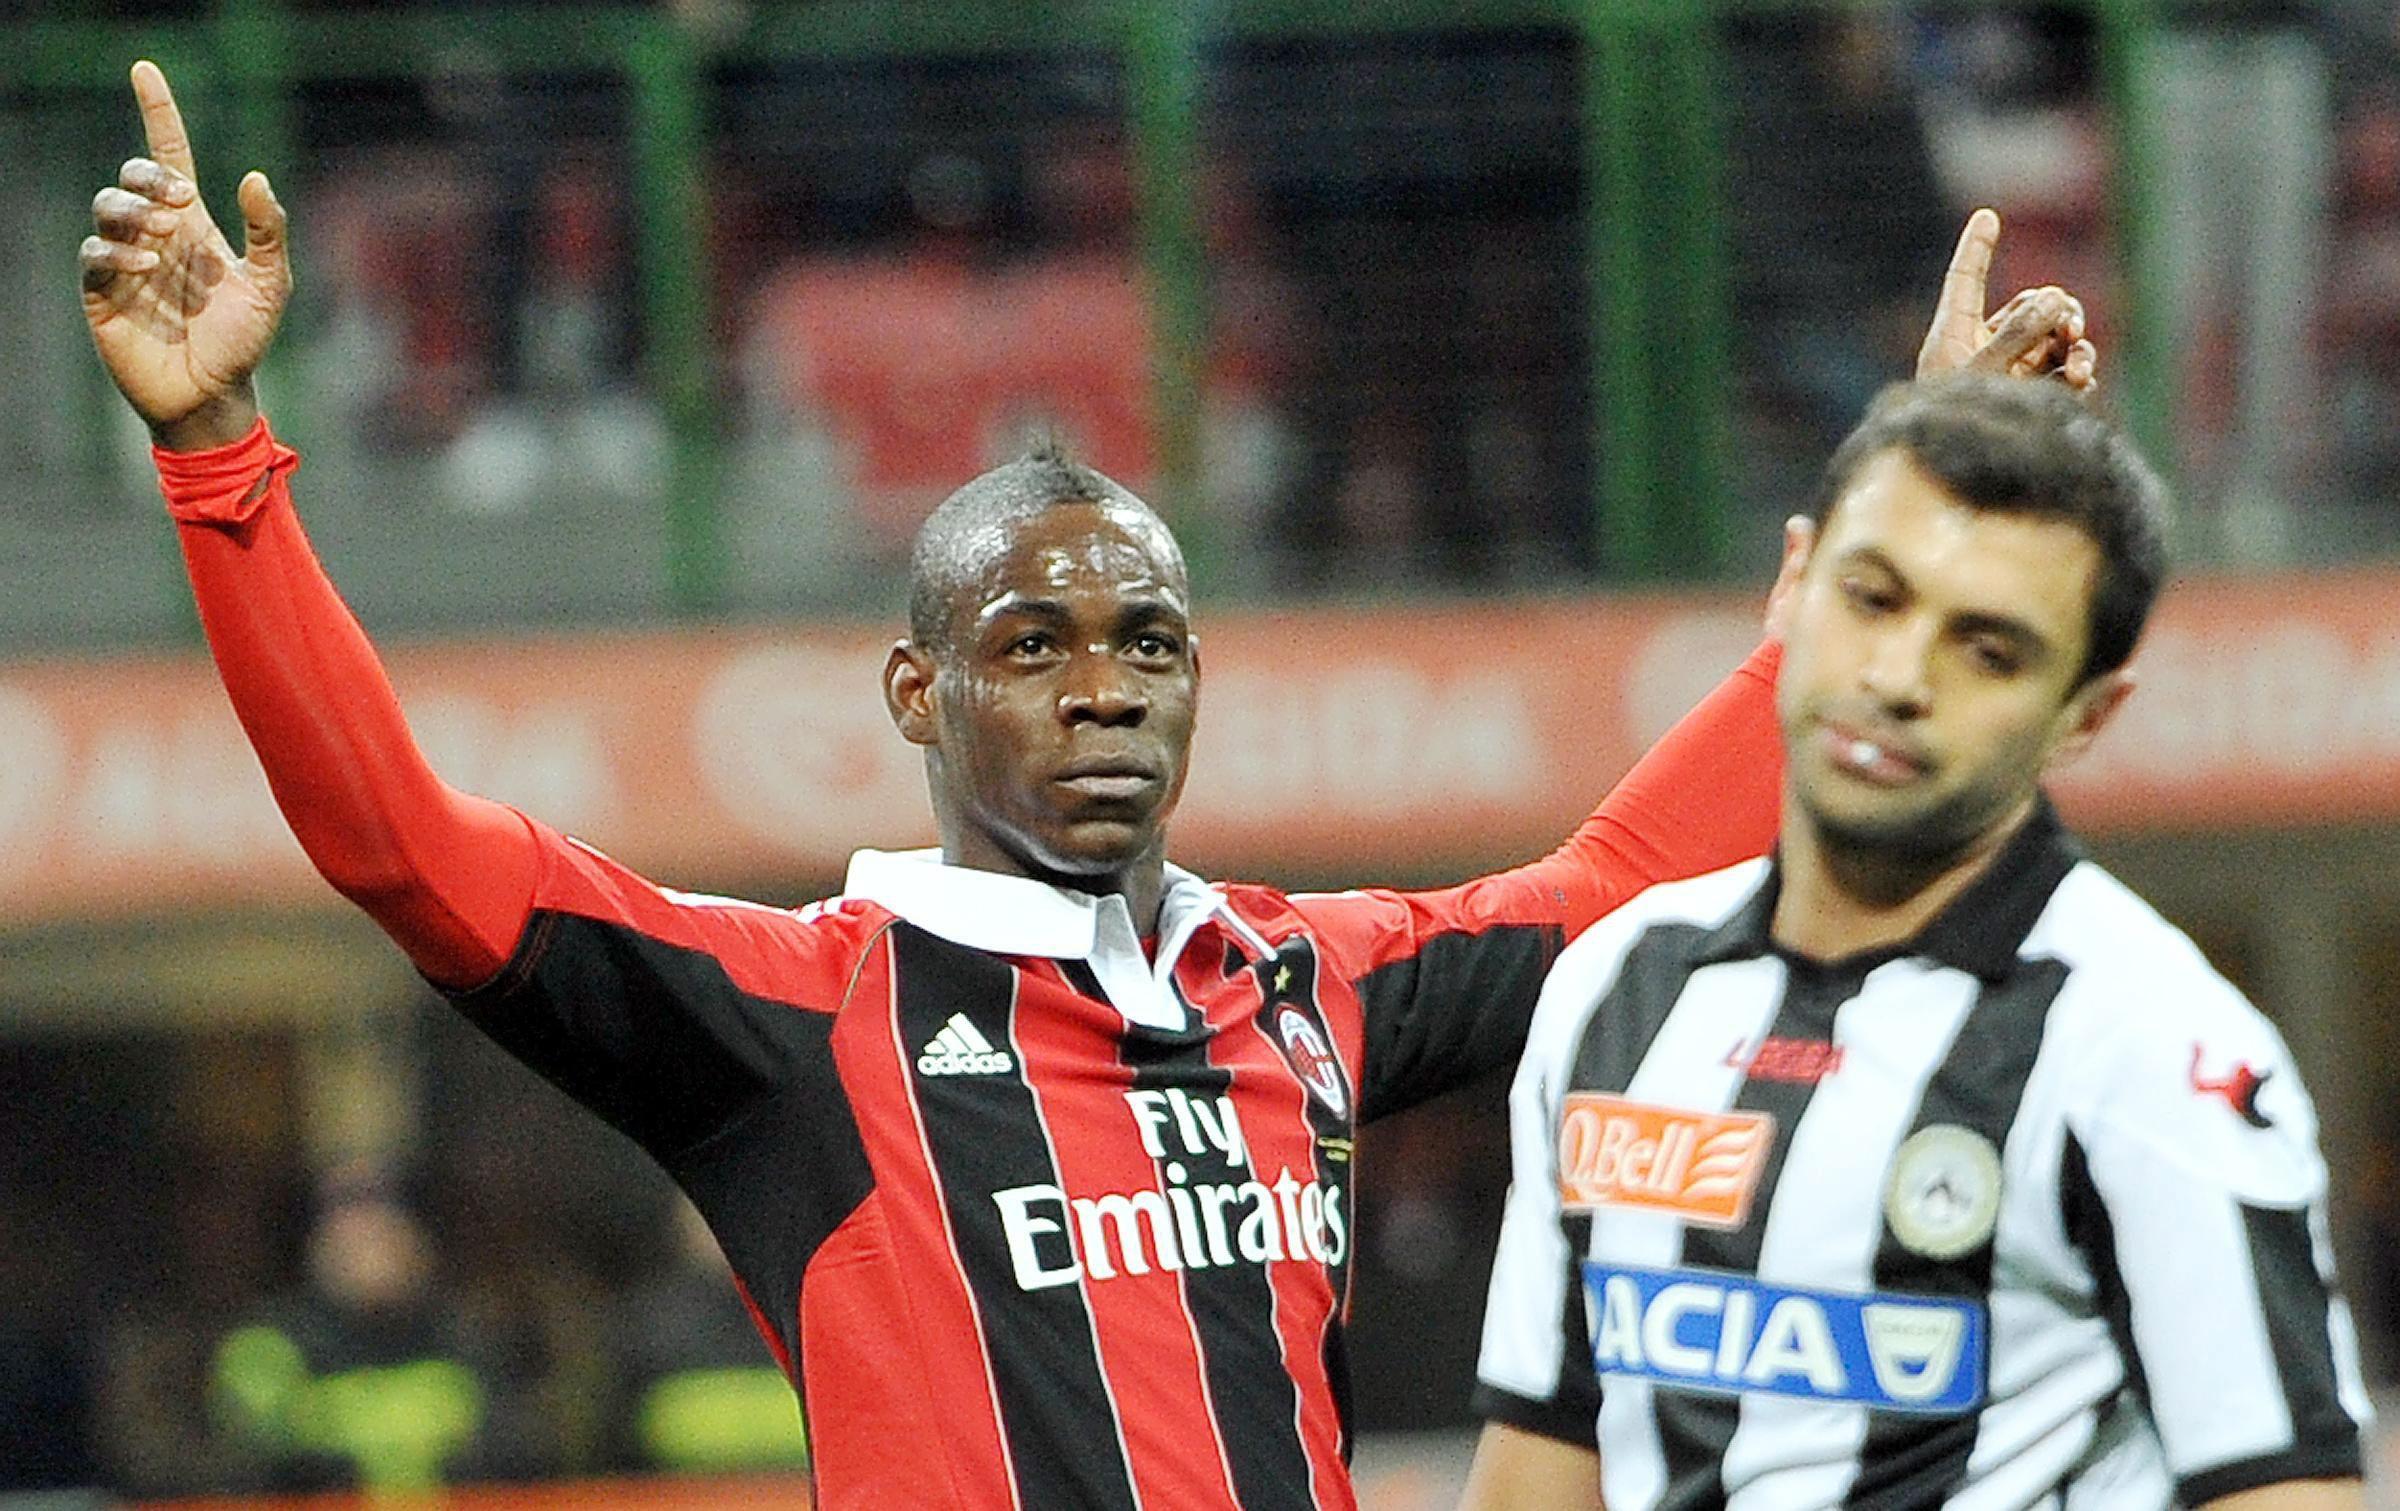 СуперМарио дебютира с 2 гола за Милан (видео)